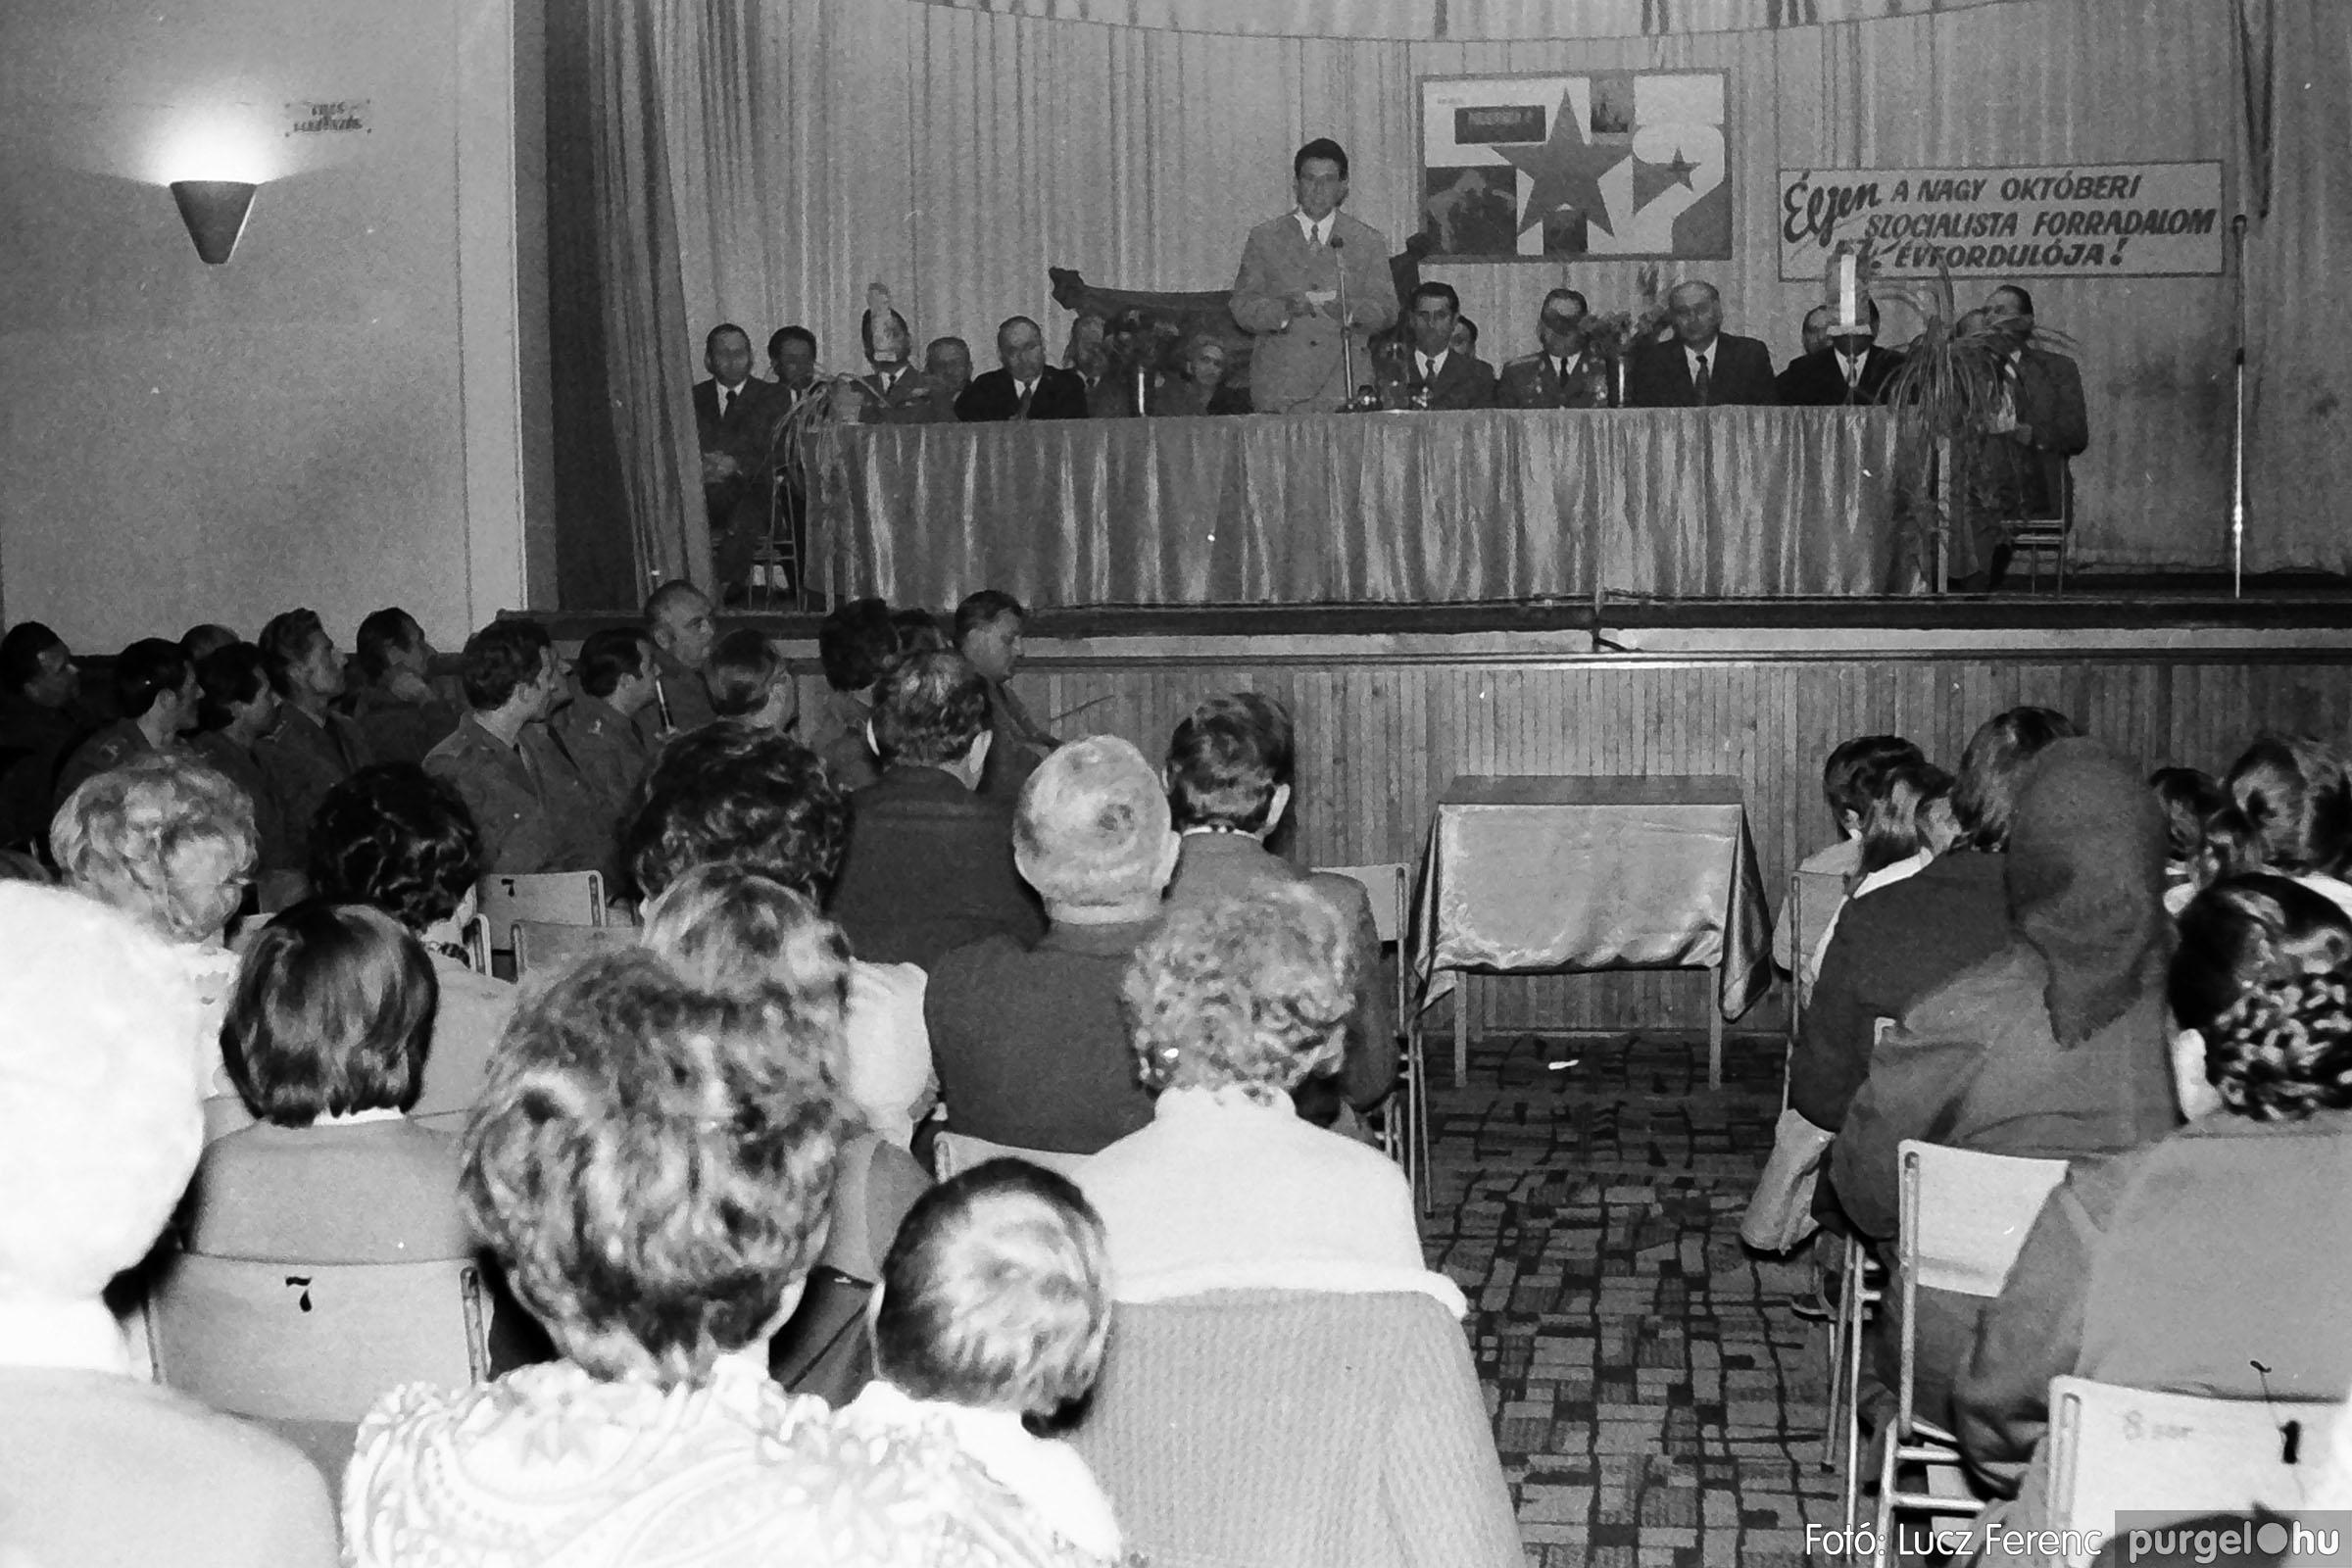 003 1974.11.07. - November 7-i ünnepség 009 - Fotó: Lucz Ferenc IMG01133q.jpg